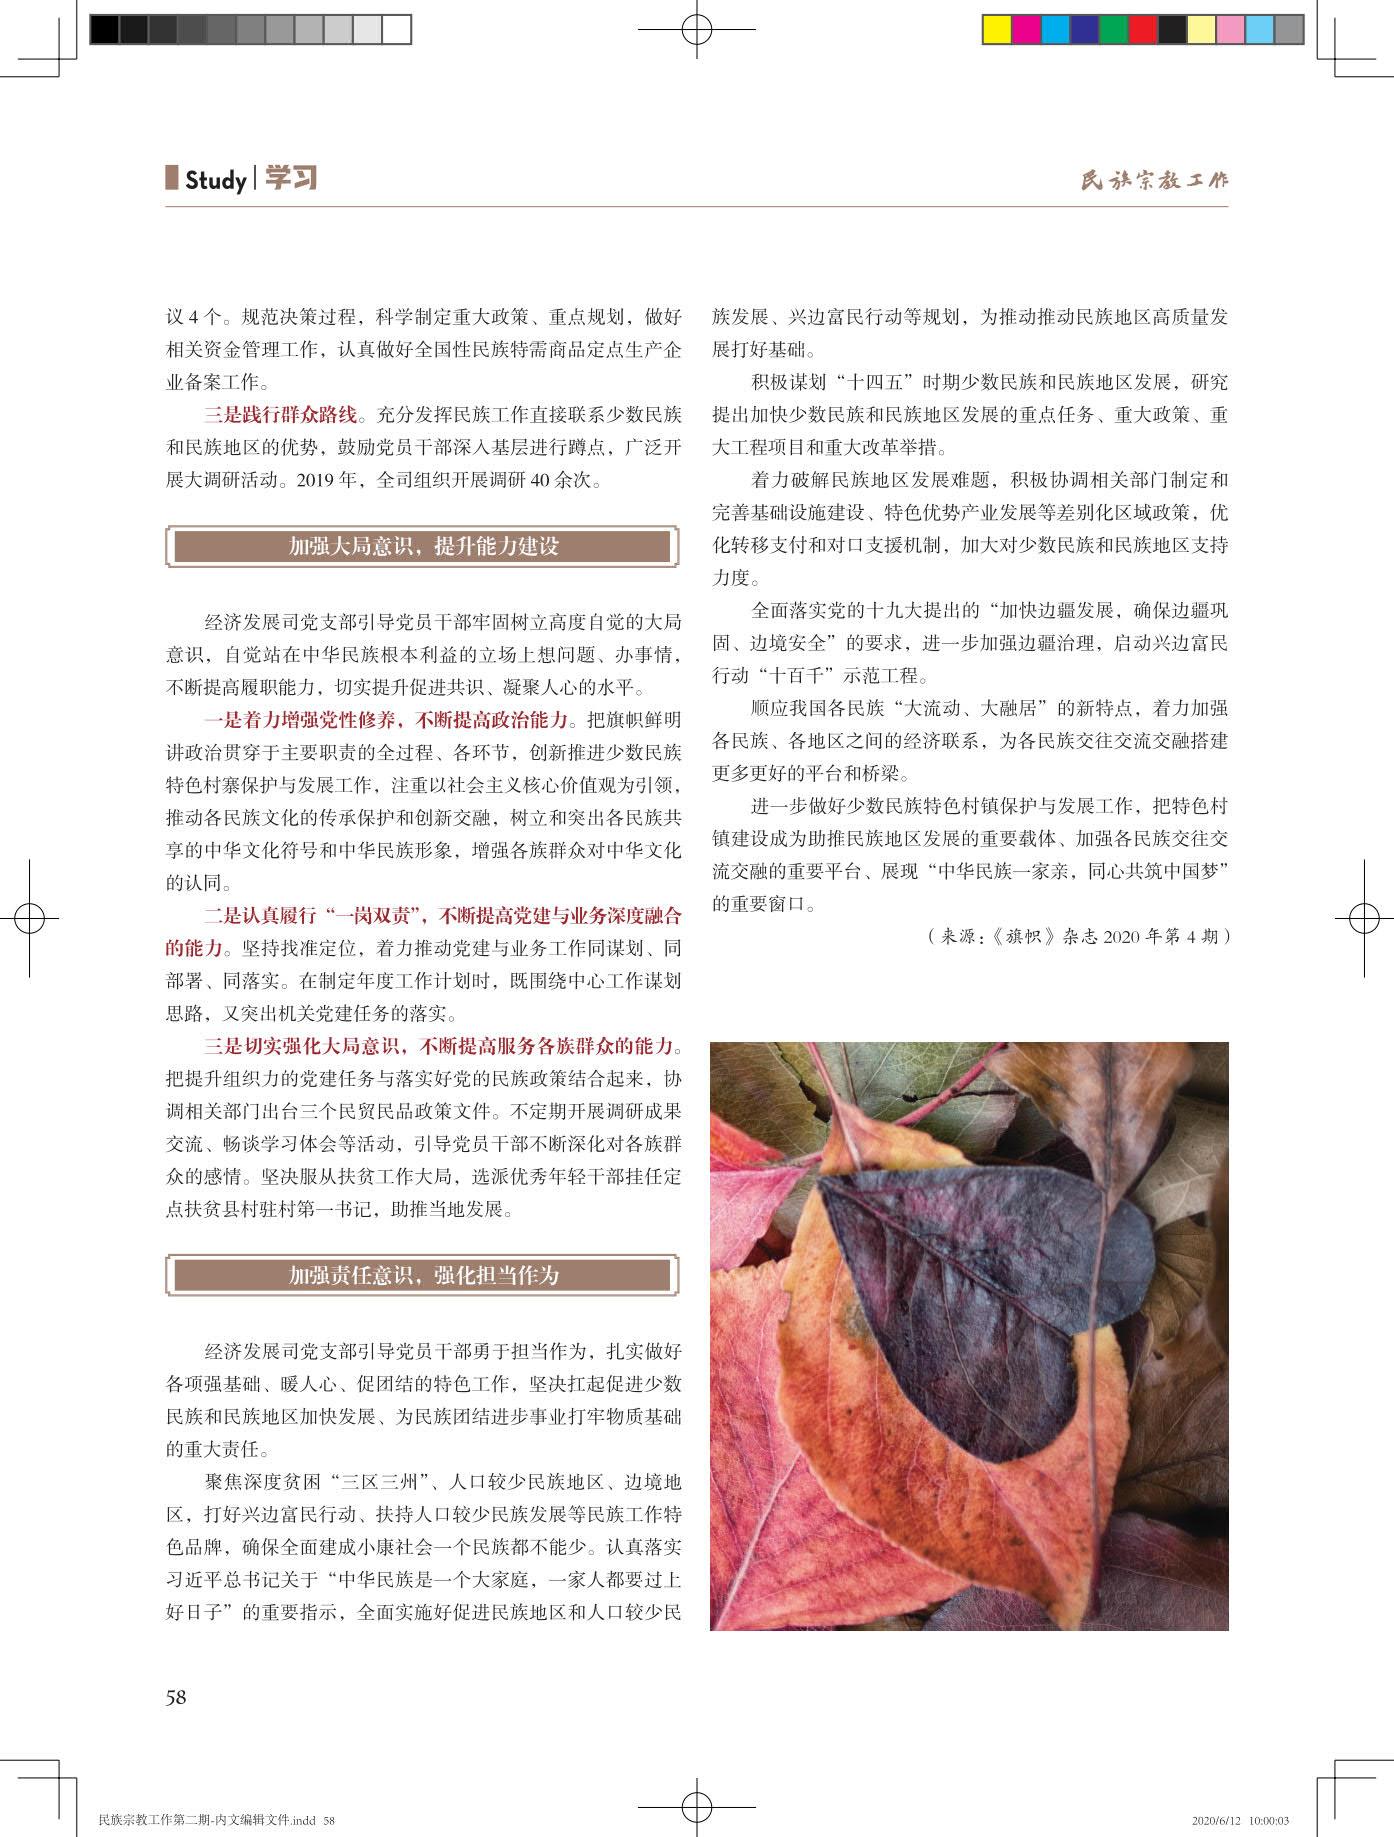 民族宗教工作第二期-内文20200612-蓝样_58.jpg